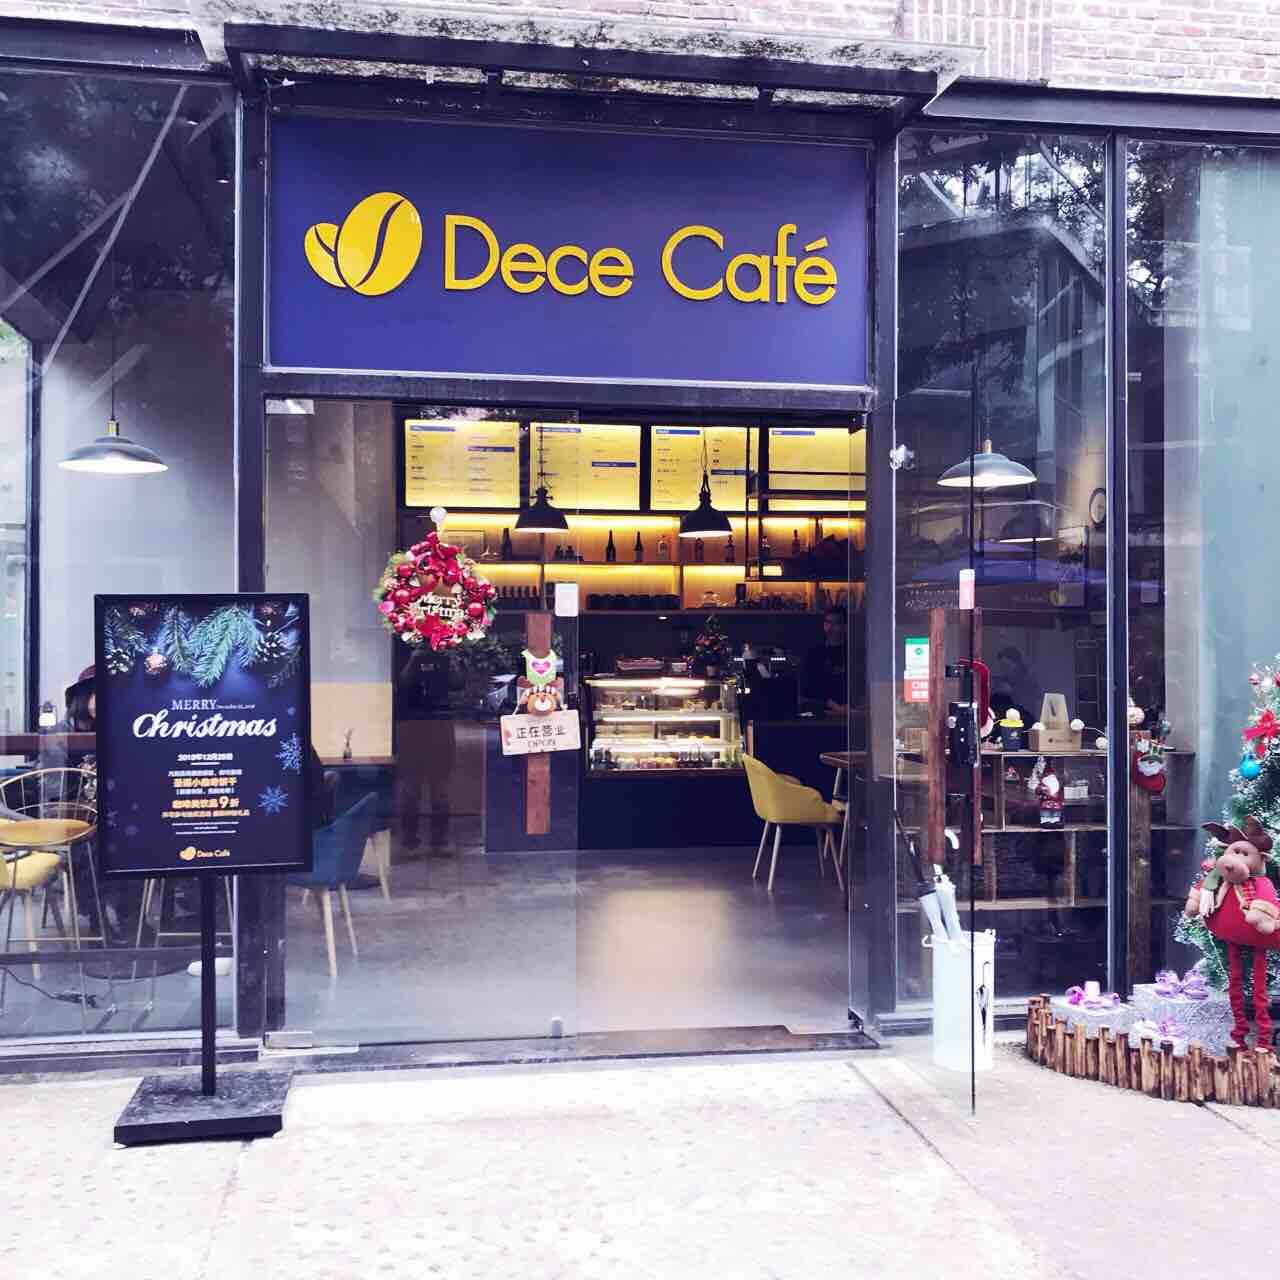 Dece Cafe